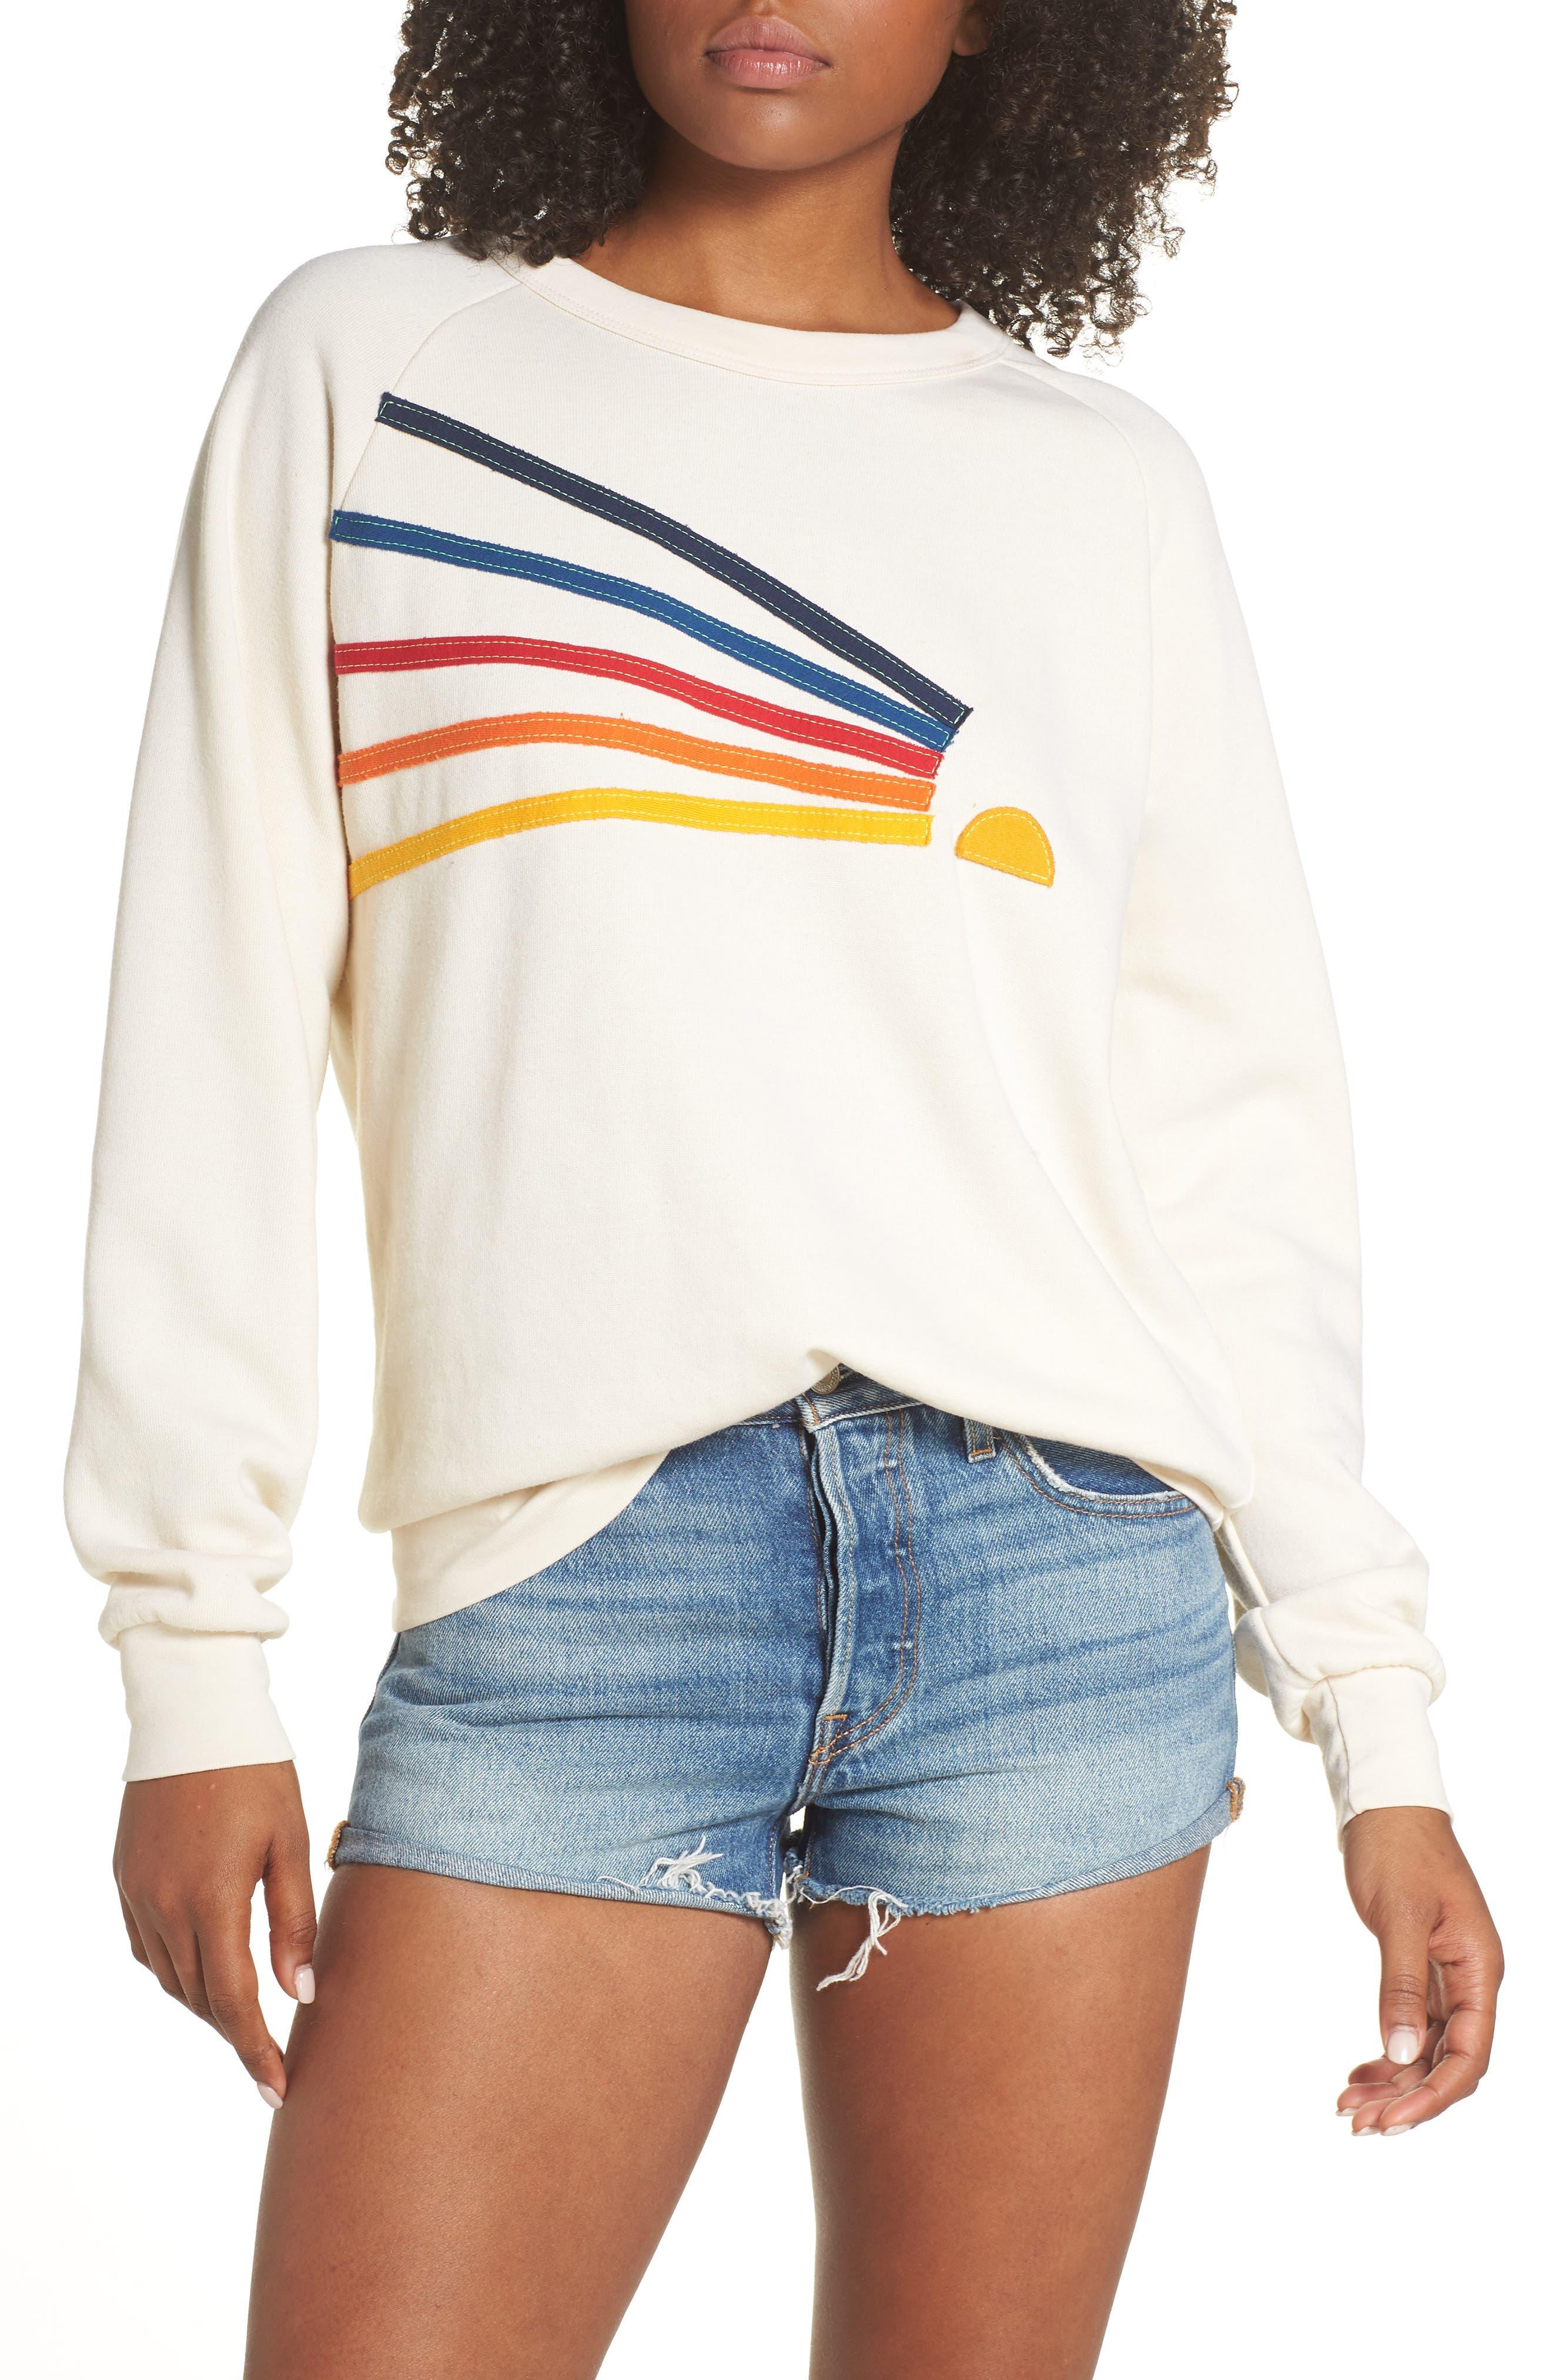 AVIATOR NATION Daydream Sweatshirt in Vintage White